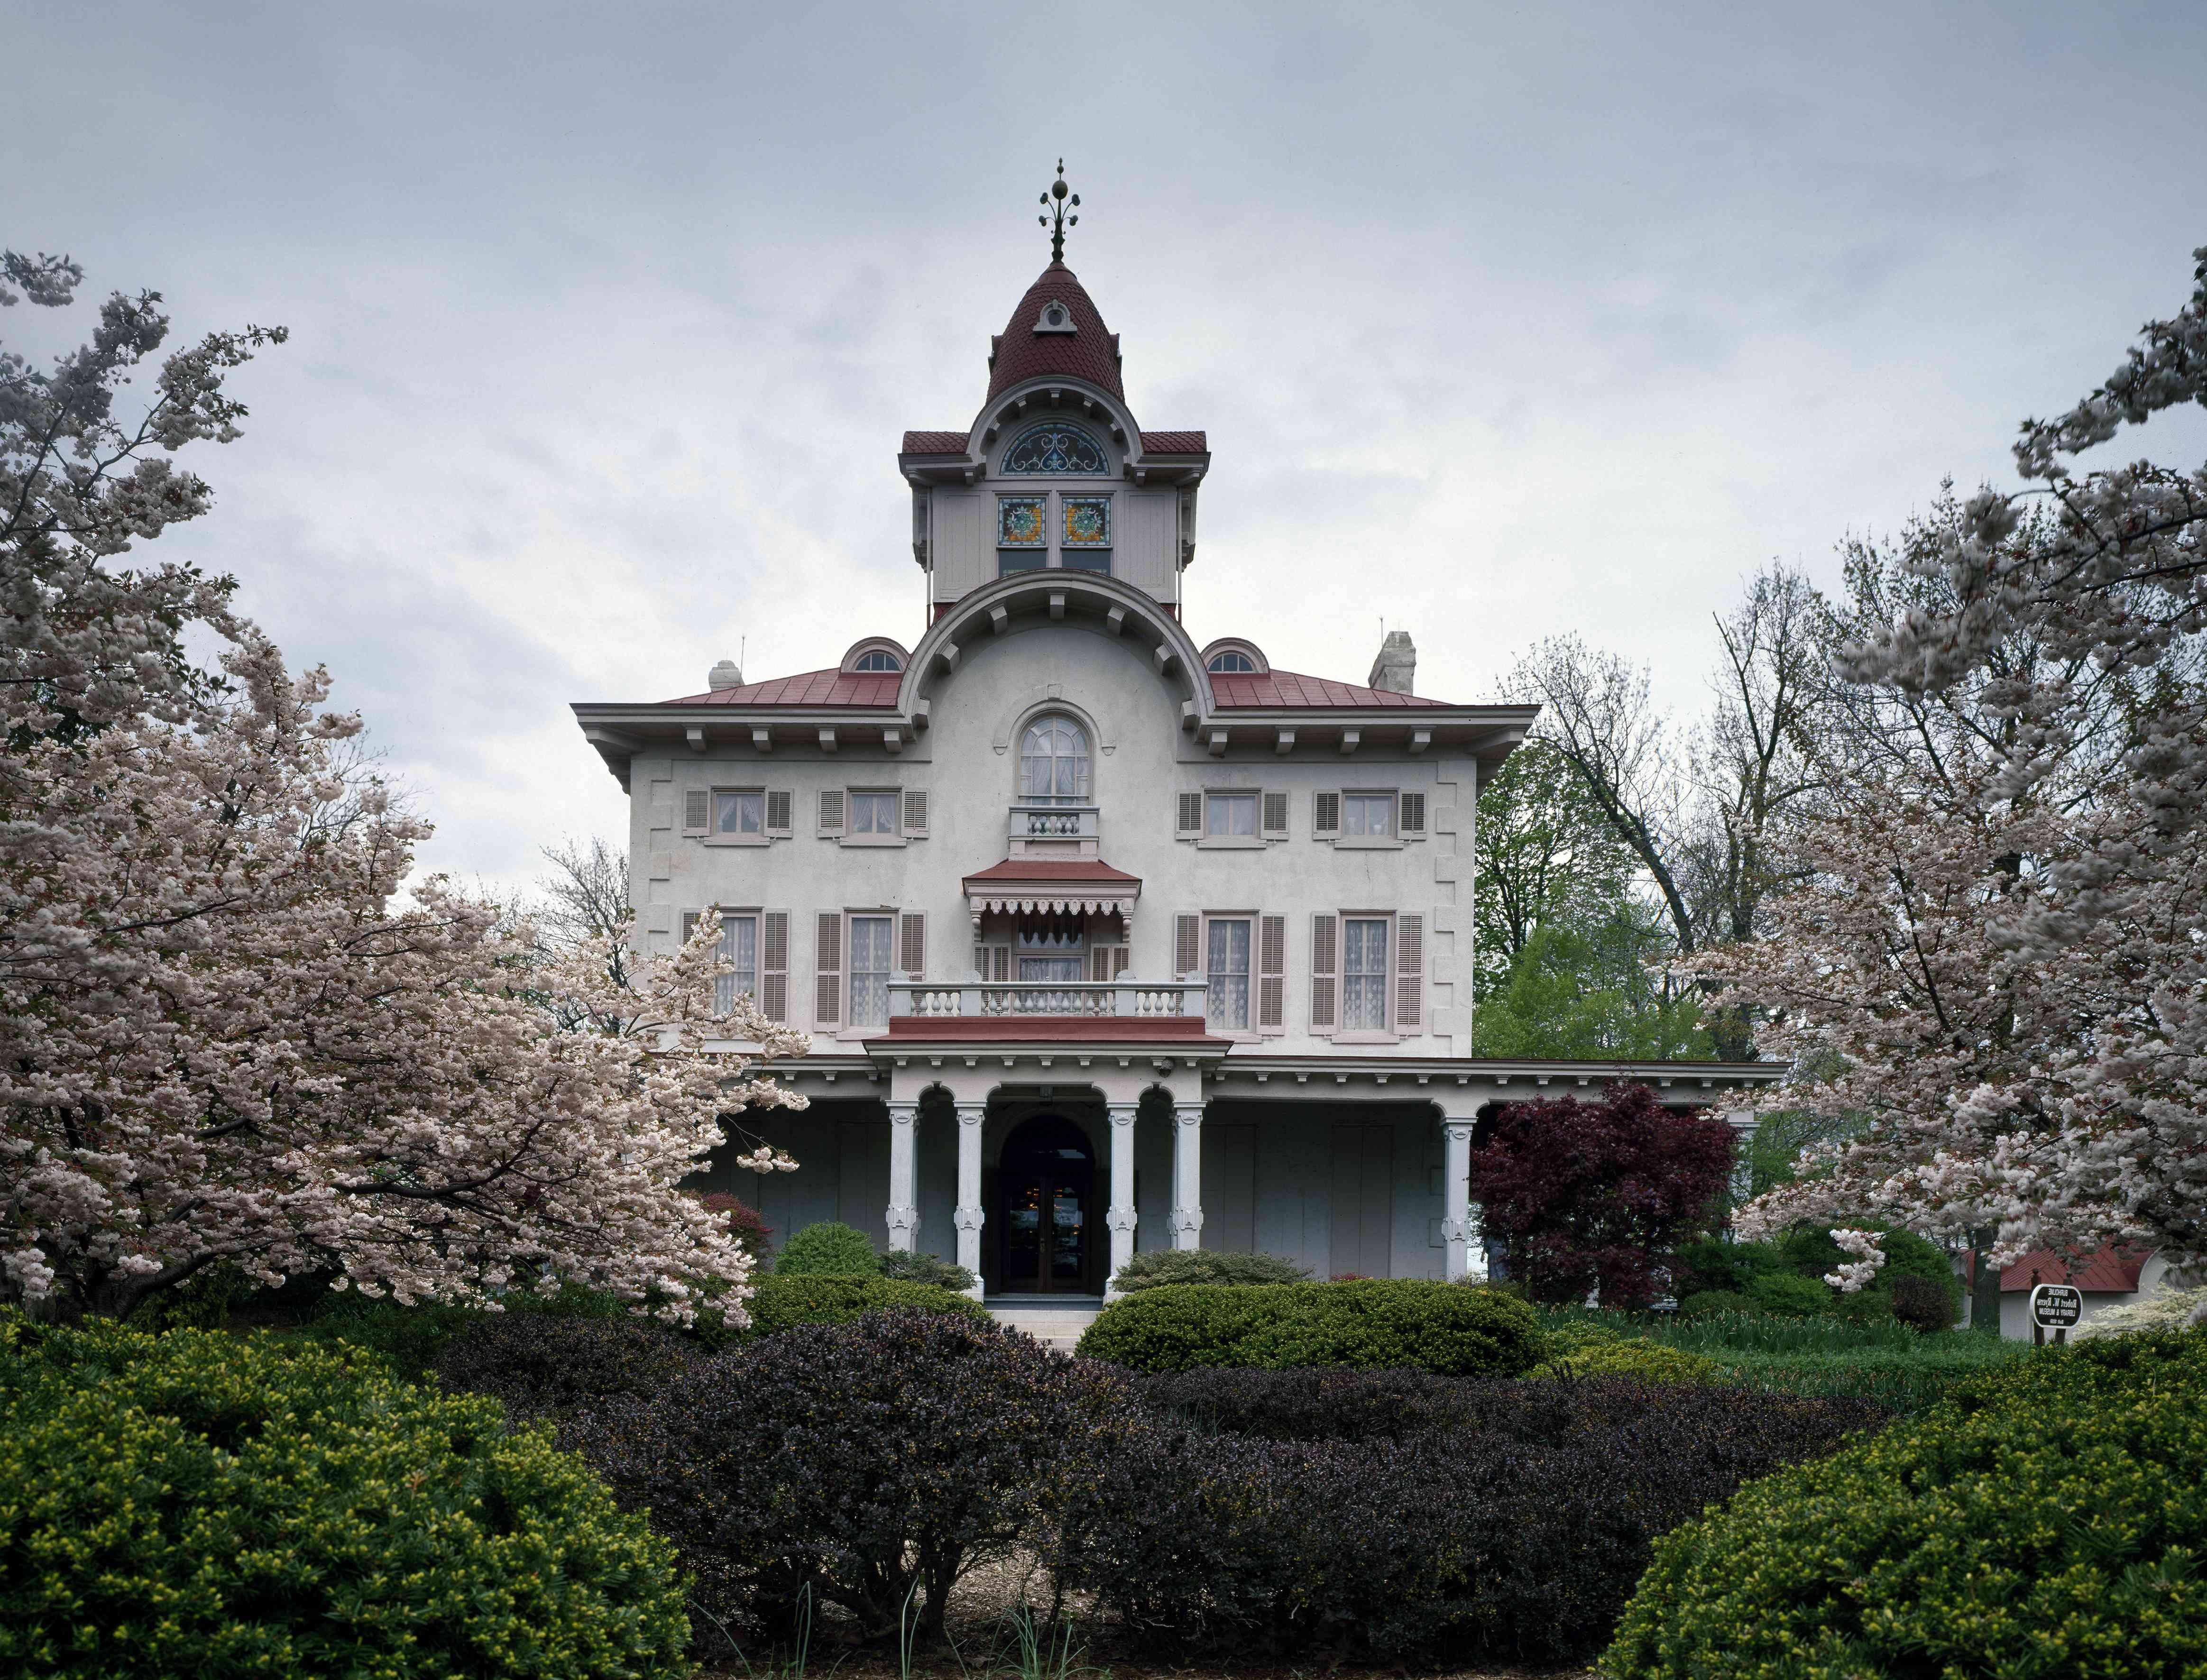 Ryerss Victorian Mansion in Fox Chase neighborhood of Philadelphia, Pennsylvani